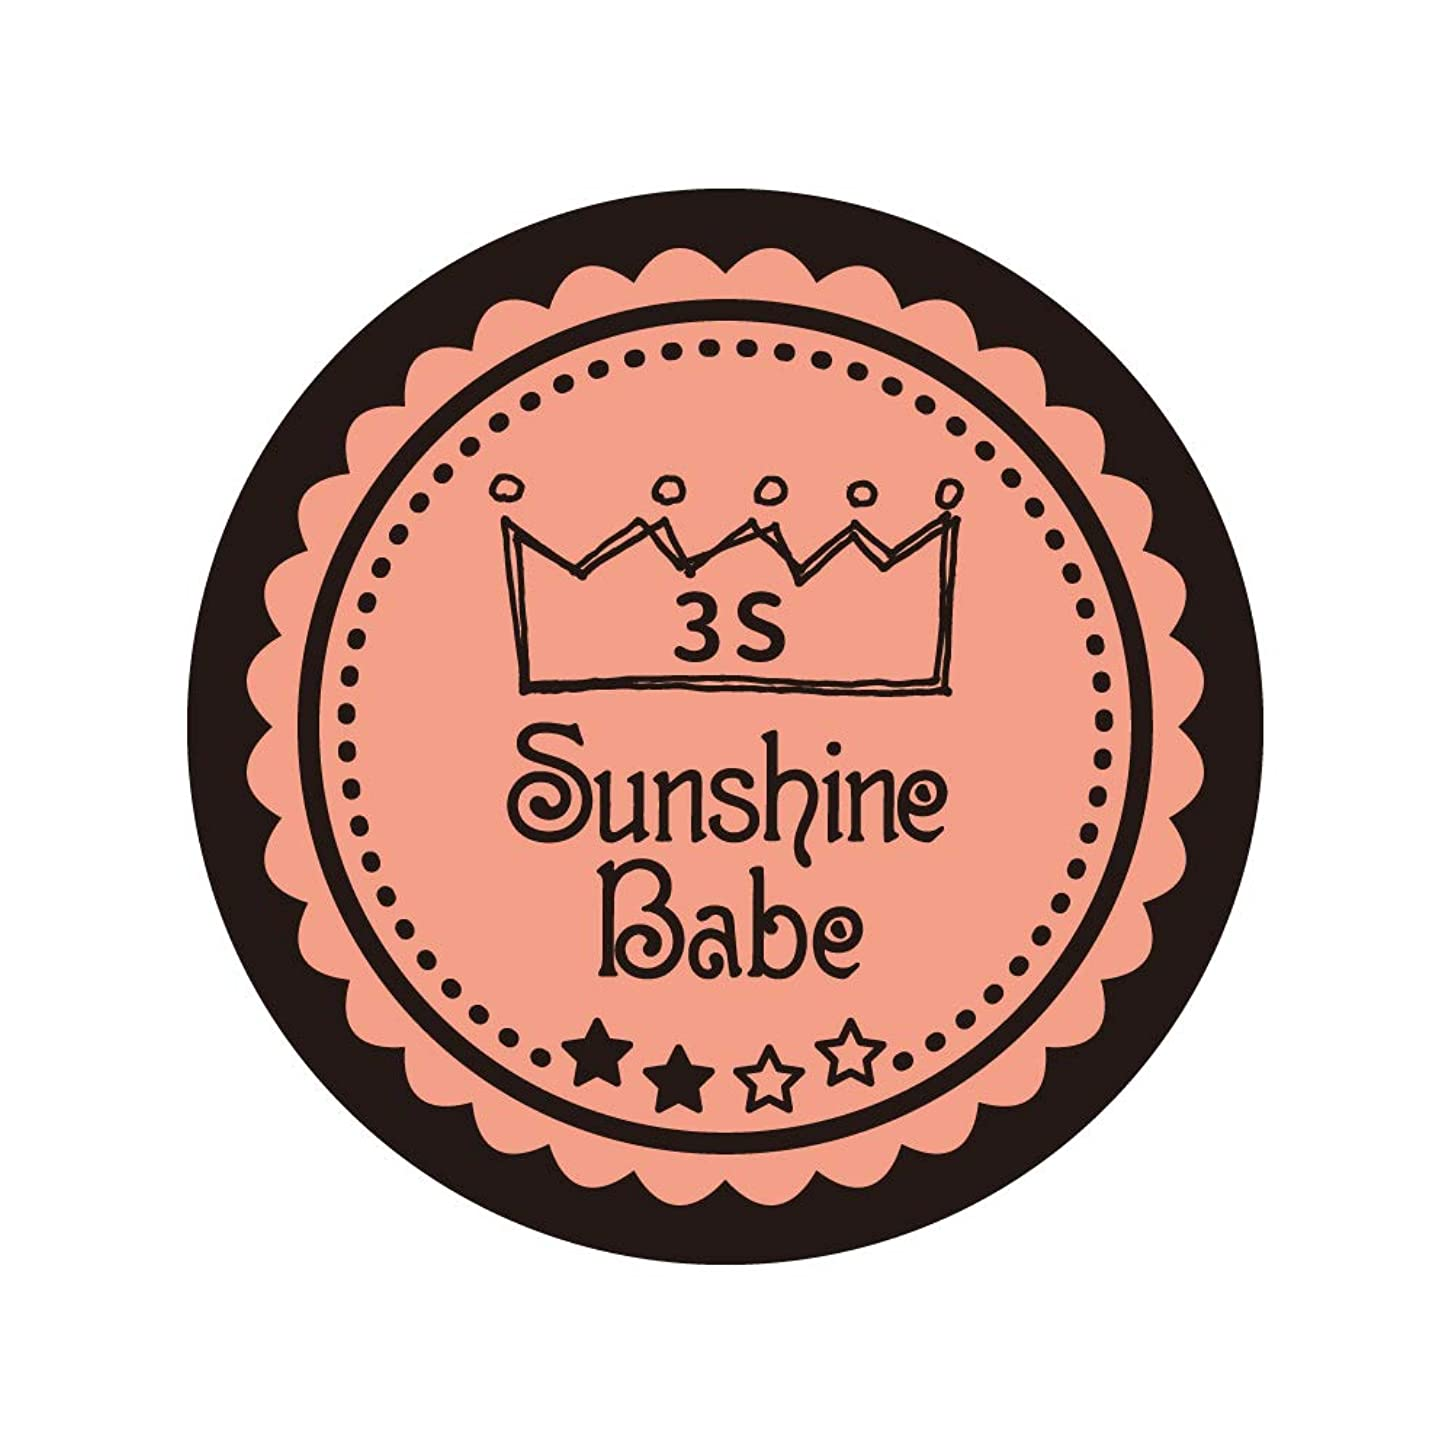 進むスロット着替えるSunshine Babe カラージェル 3S ブルーミングダリア 2.7g UV/LED対応